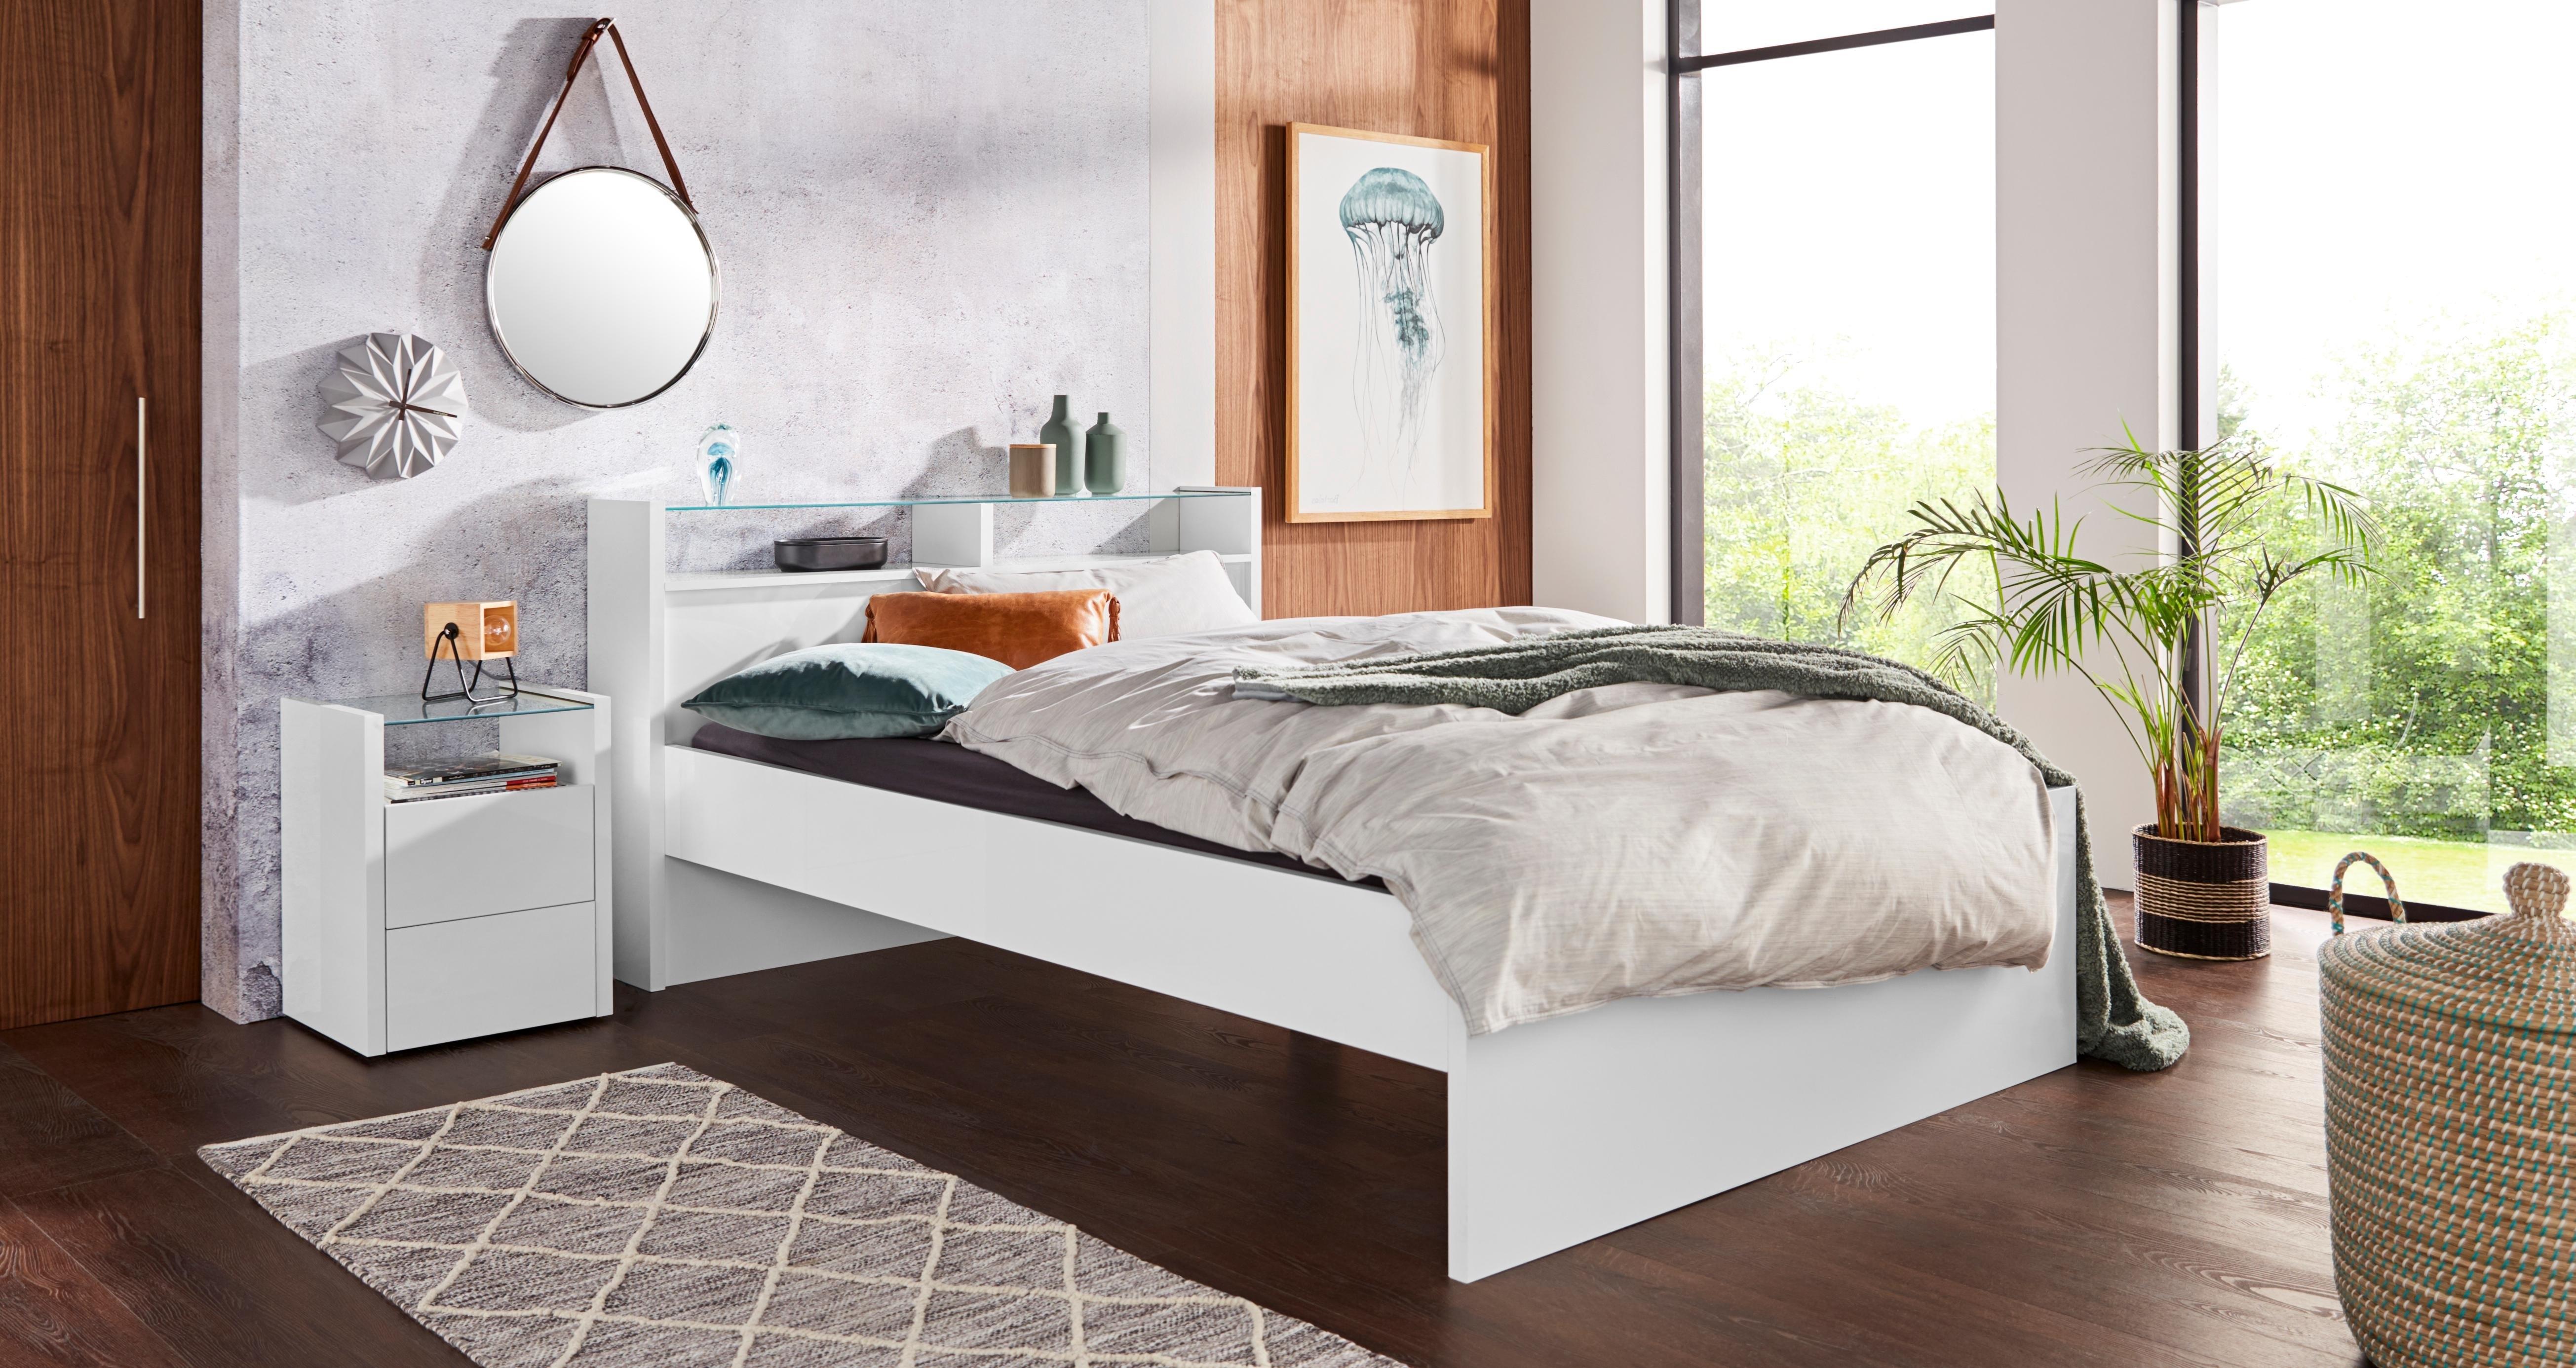 Tecnos futonbed Malika voordelig en veilig online kopen